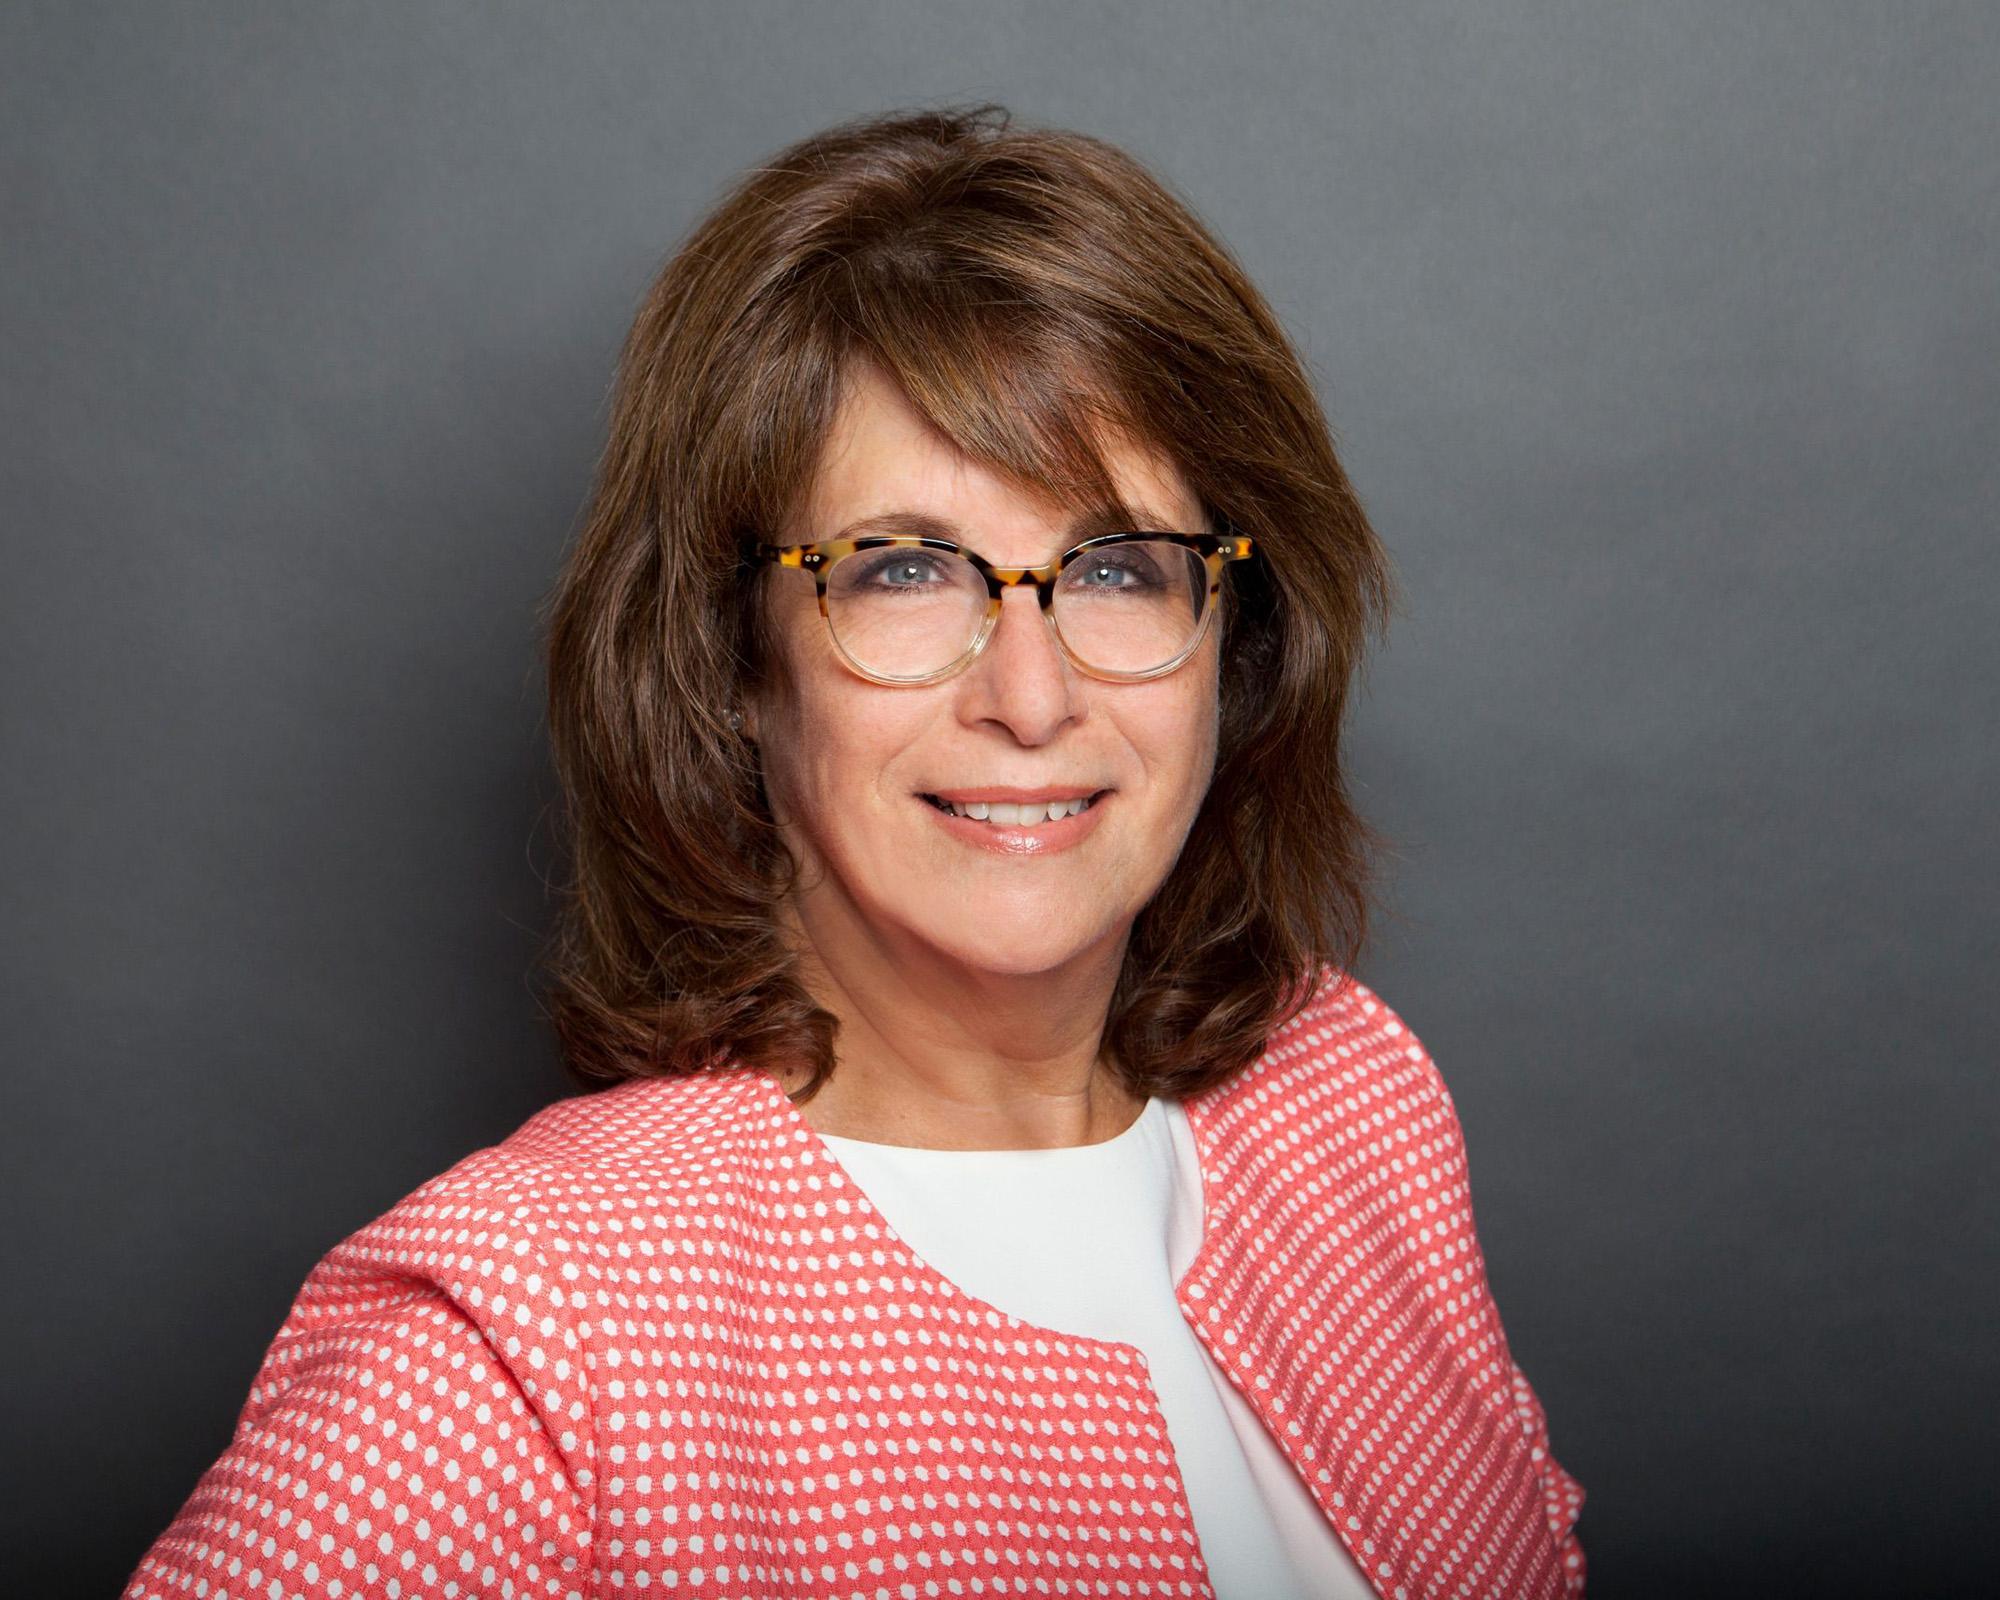 Marcia Powers